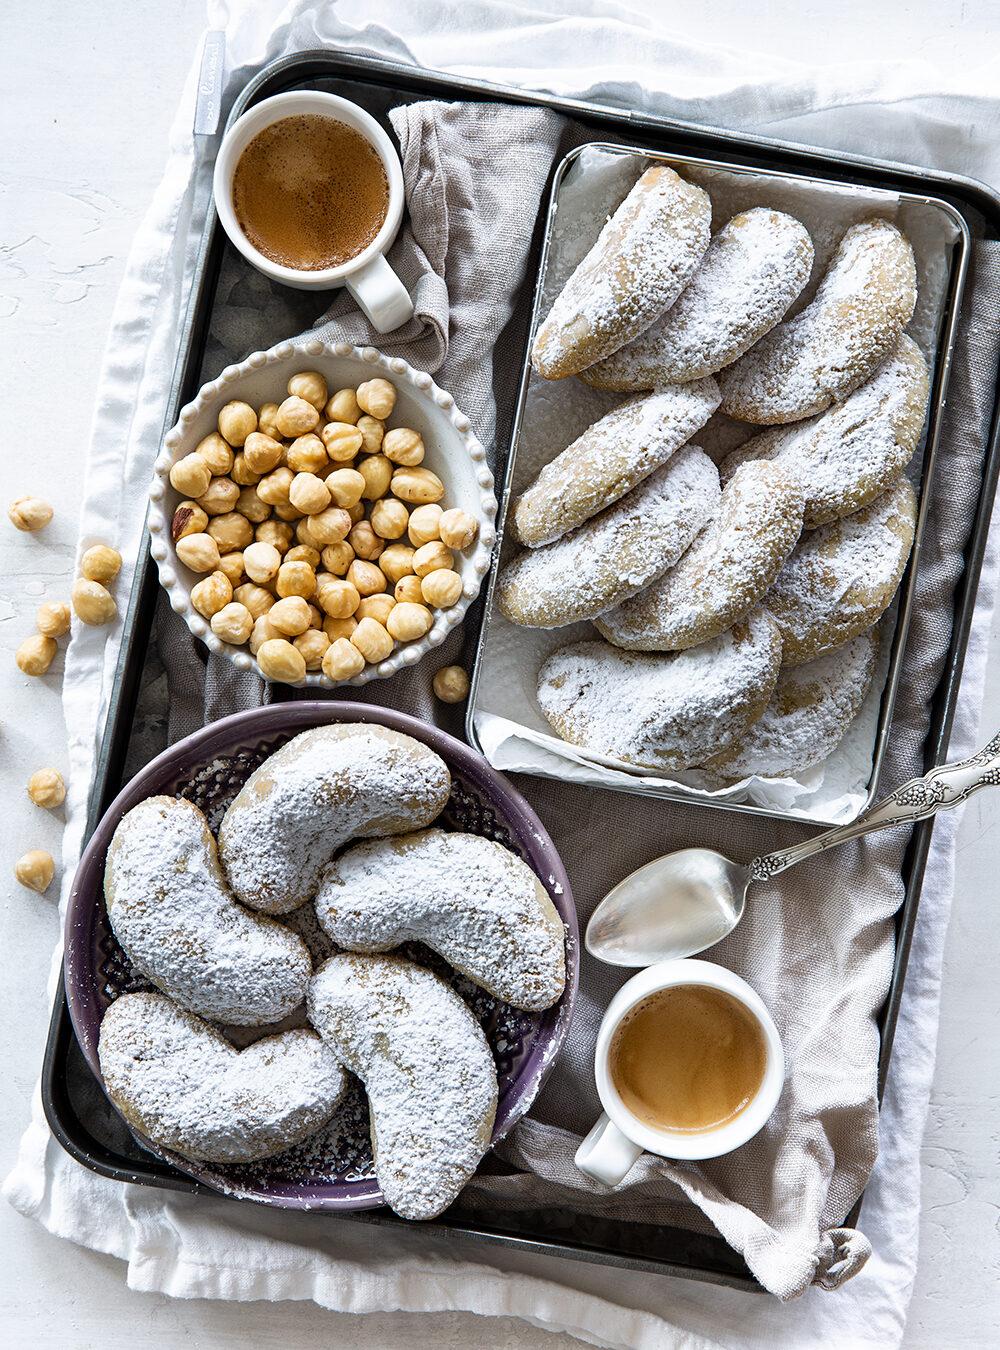 עוגיות אגוזי לוז ושקדים שאי אפשר להפסיק לאכול